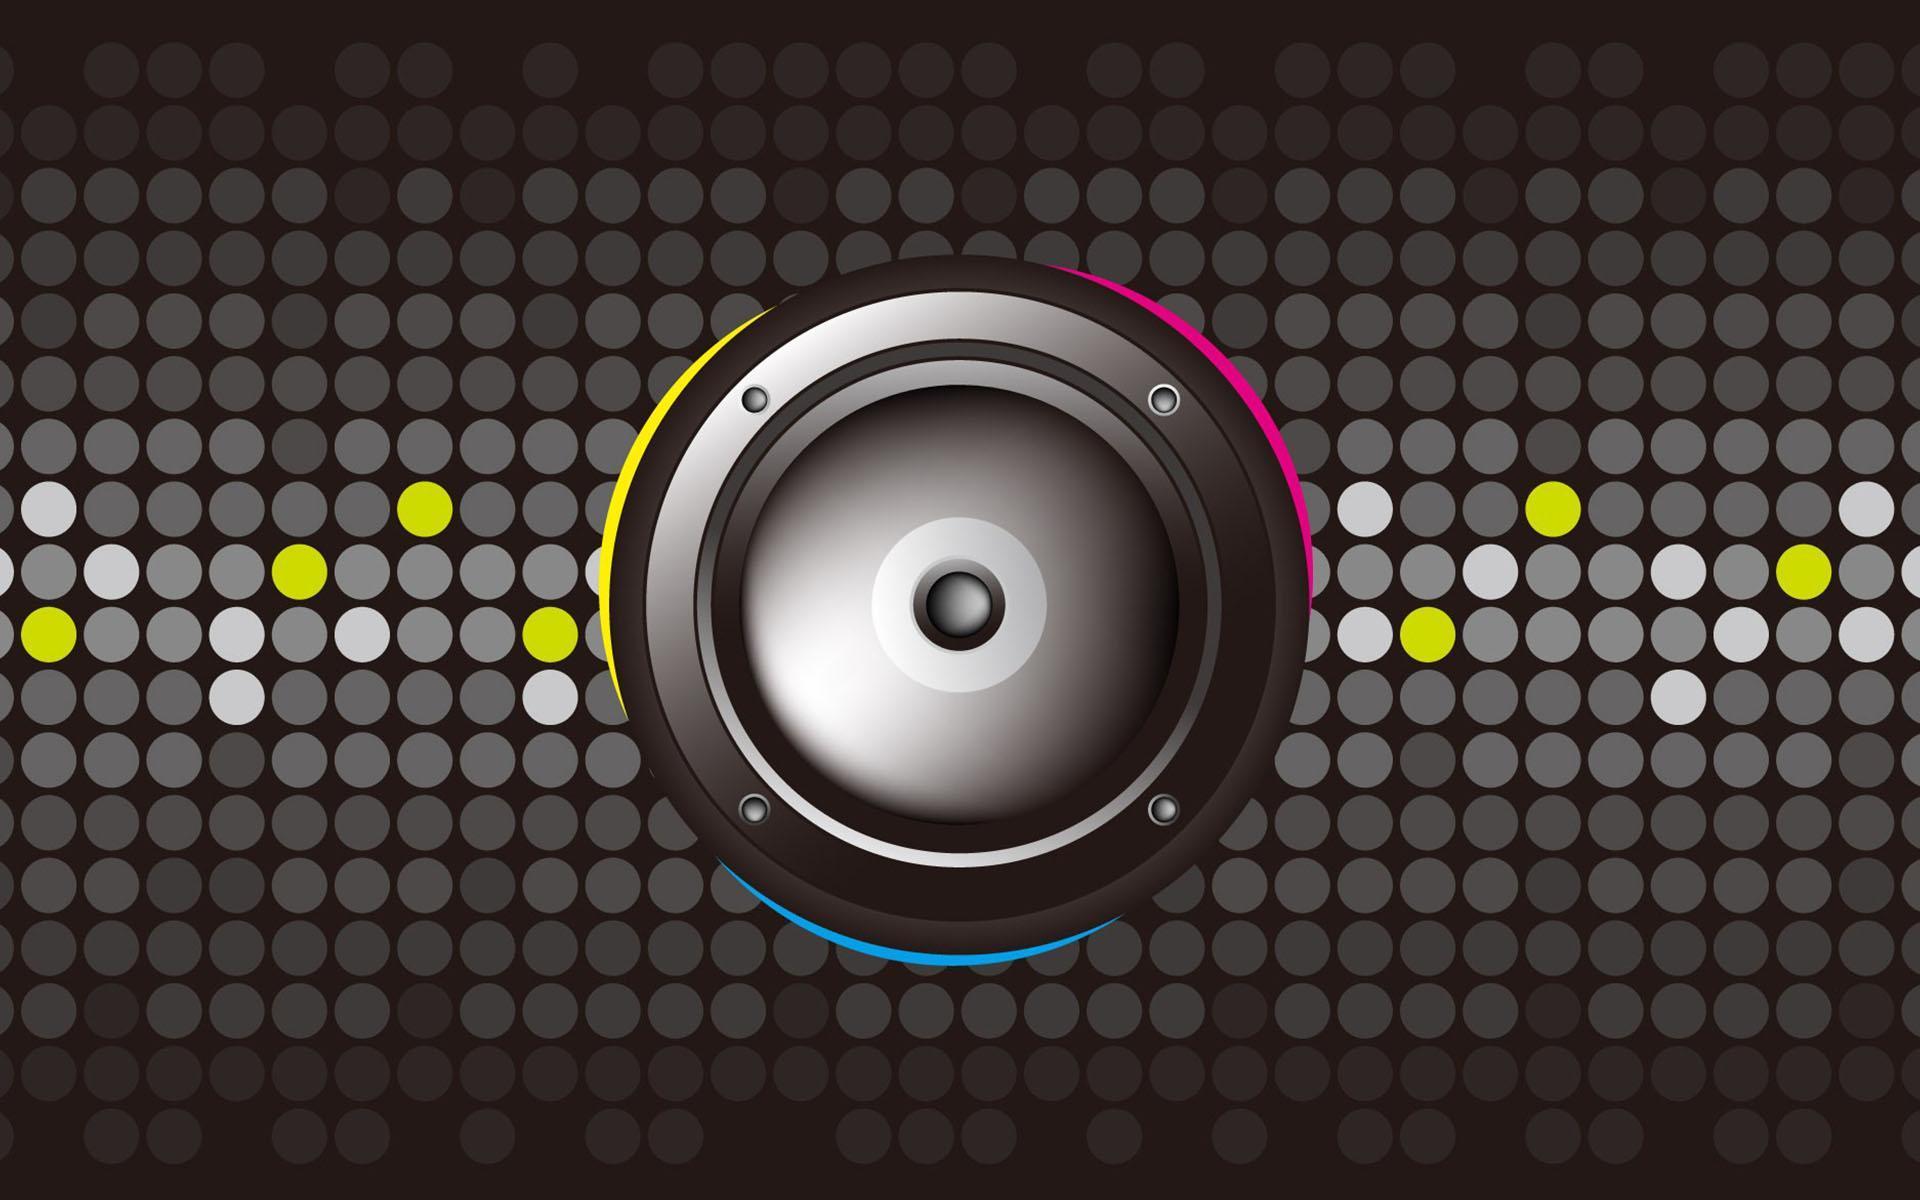 Android 用の 音楽聞こえるライブ壁紙 Apk をダウンロード